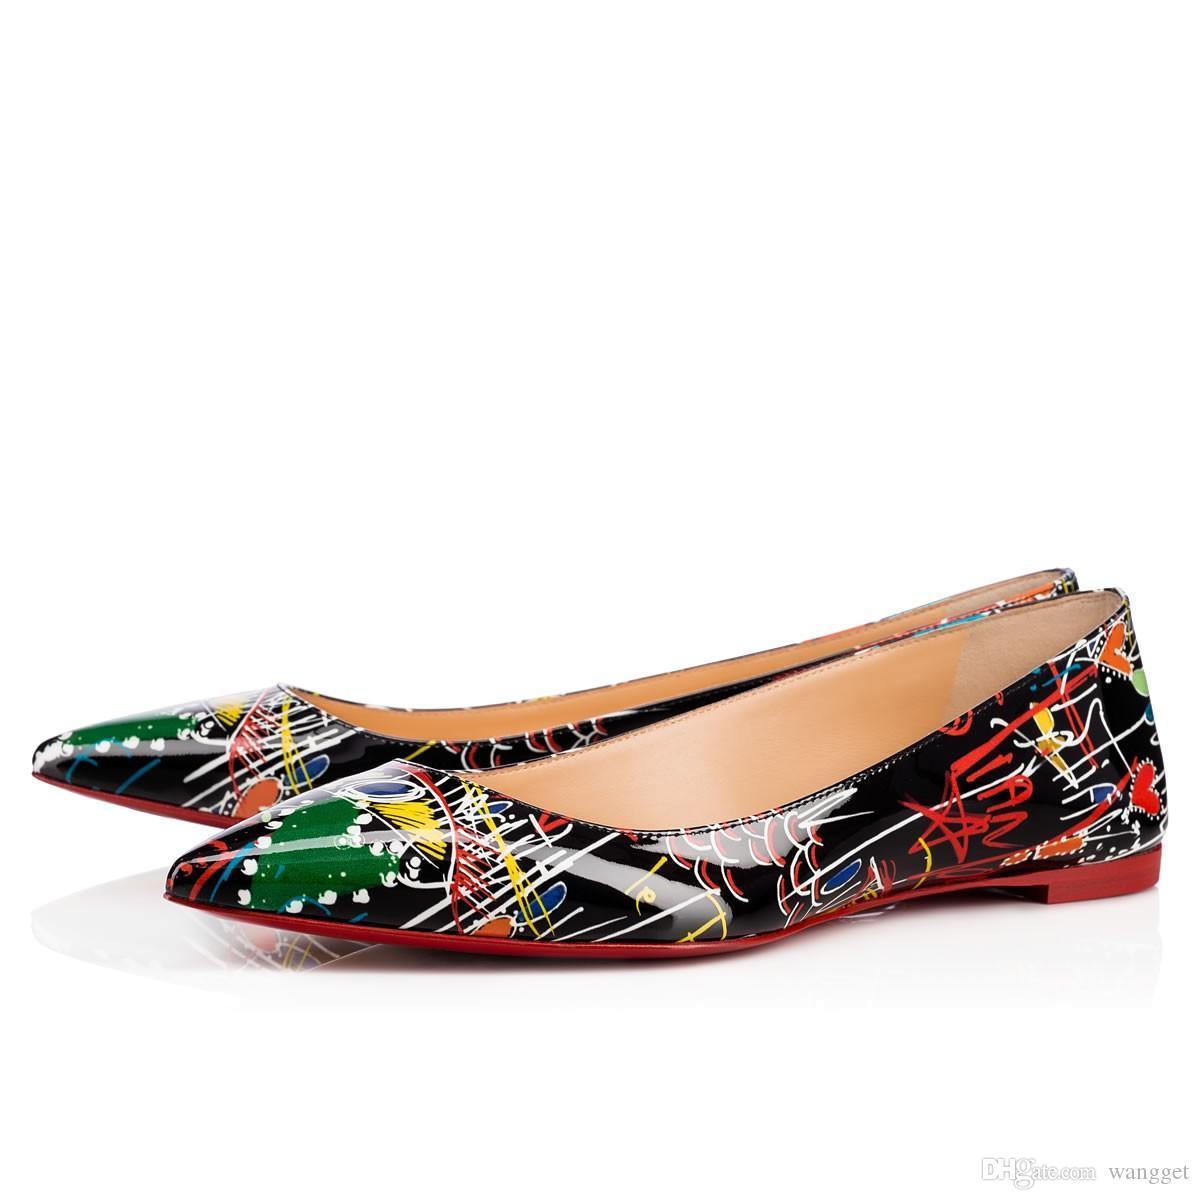 [Orijinal Kutusu] Kadınlar Tek Ayakkabı Casual Düşük topuklu Gelinlik Ayakkabı için Parlak Dikenler Kırmızı Alt loafer'lar Ayakkabıları ile Gerçek Deri